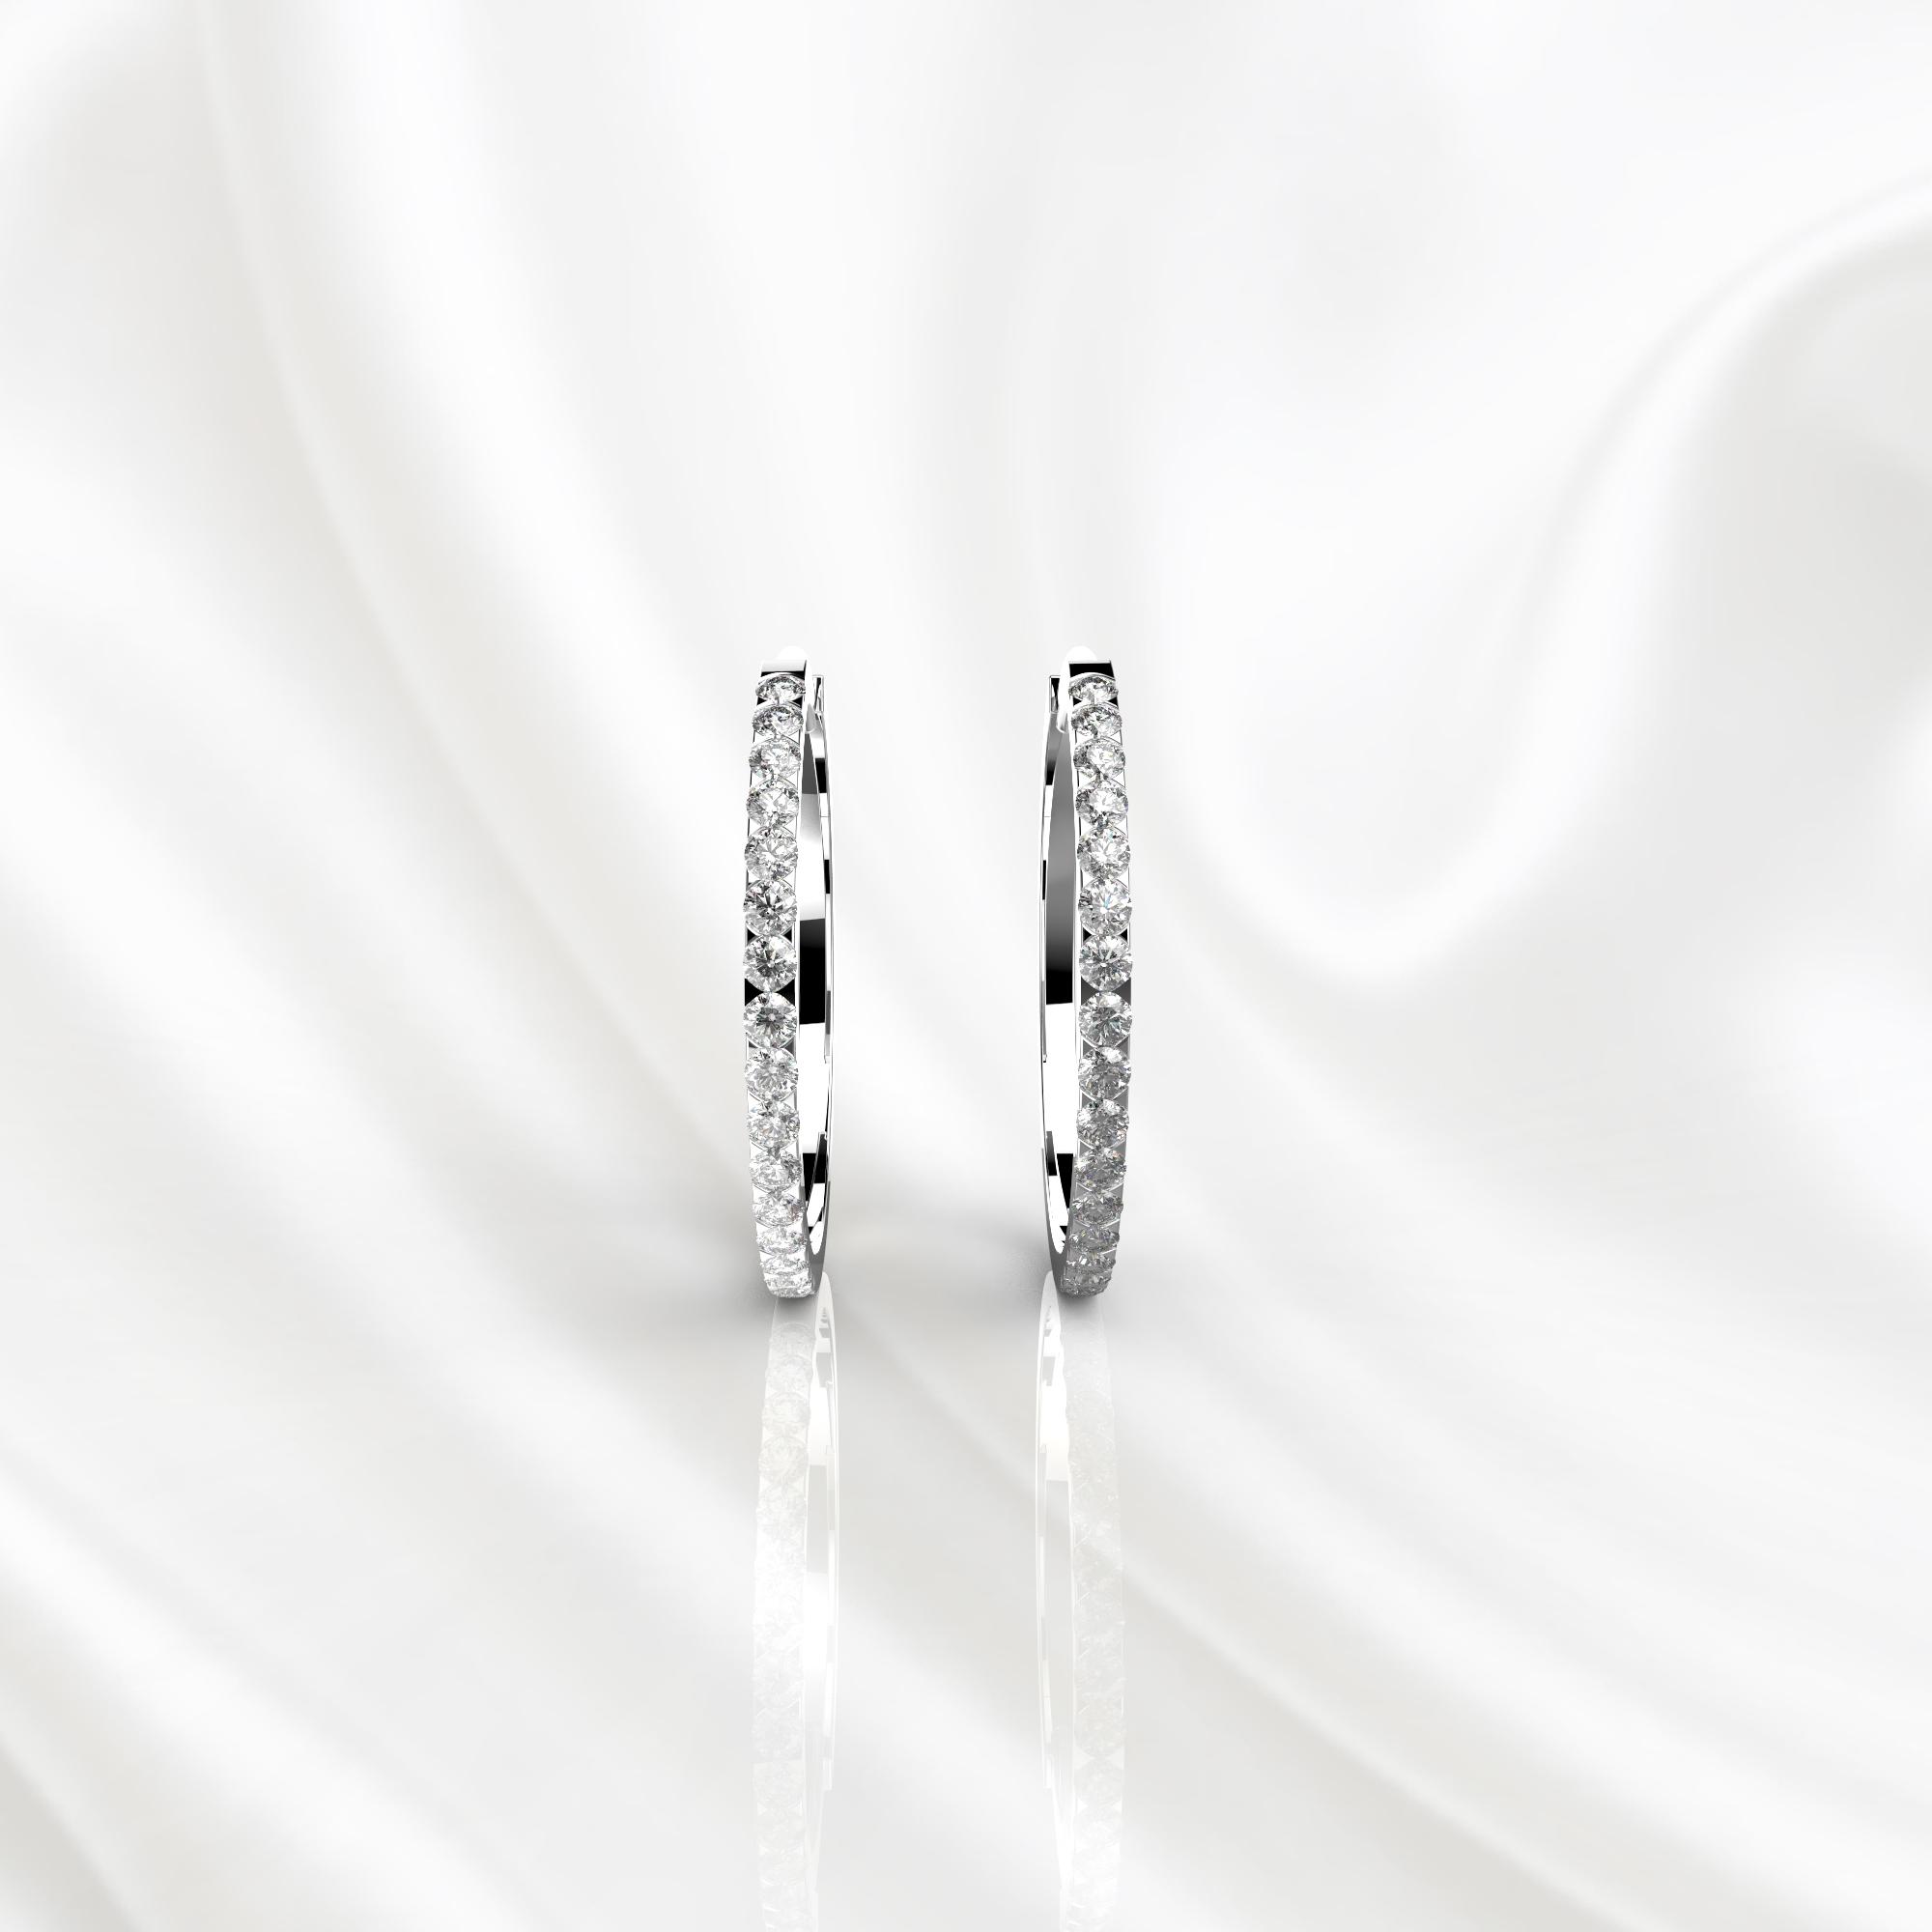 S17 Серьги-конго из белого золота с бриллиантами